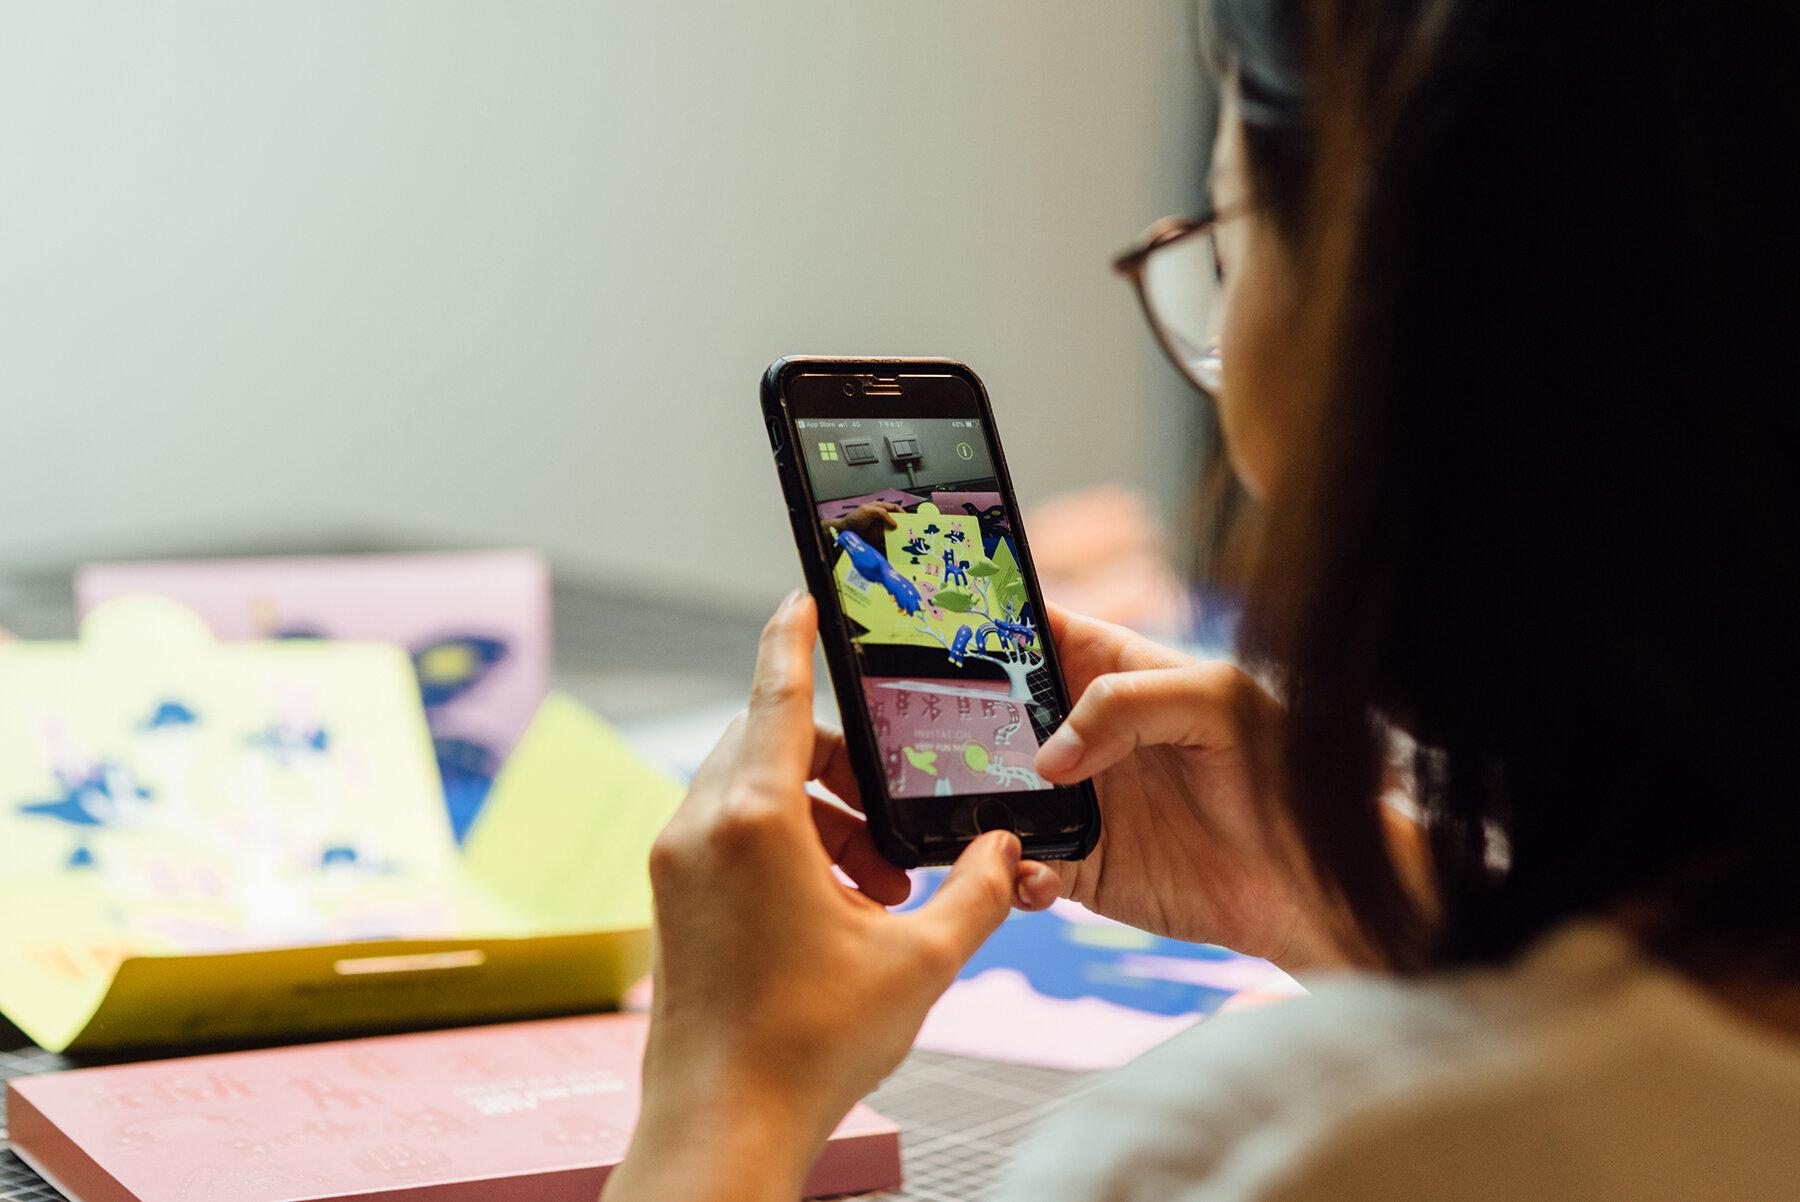 參與「粉樂町當代藝術展」主視覺設計,黃顯勳透過擴增實境的功能讓畫面中的青鳥能立體呈現。